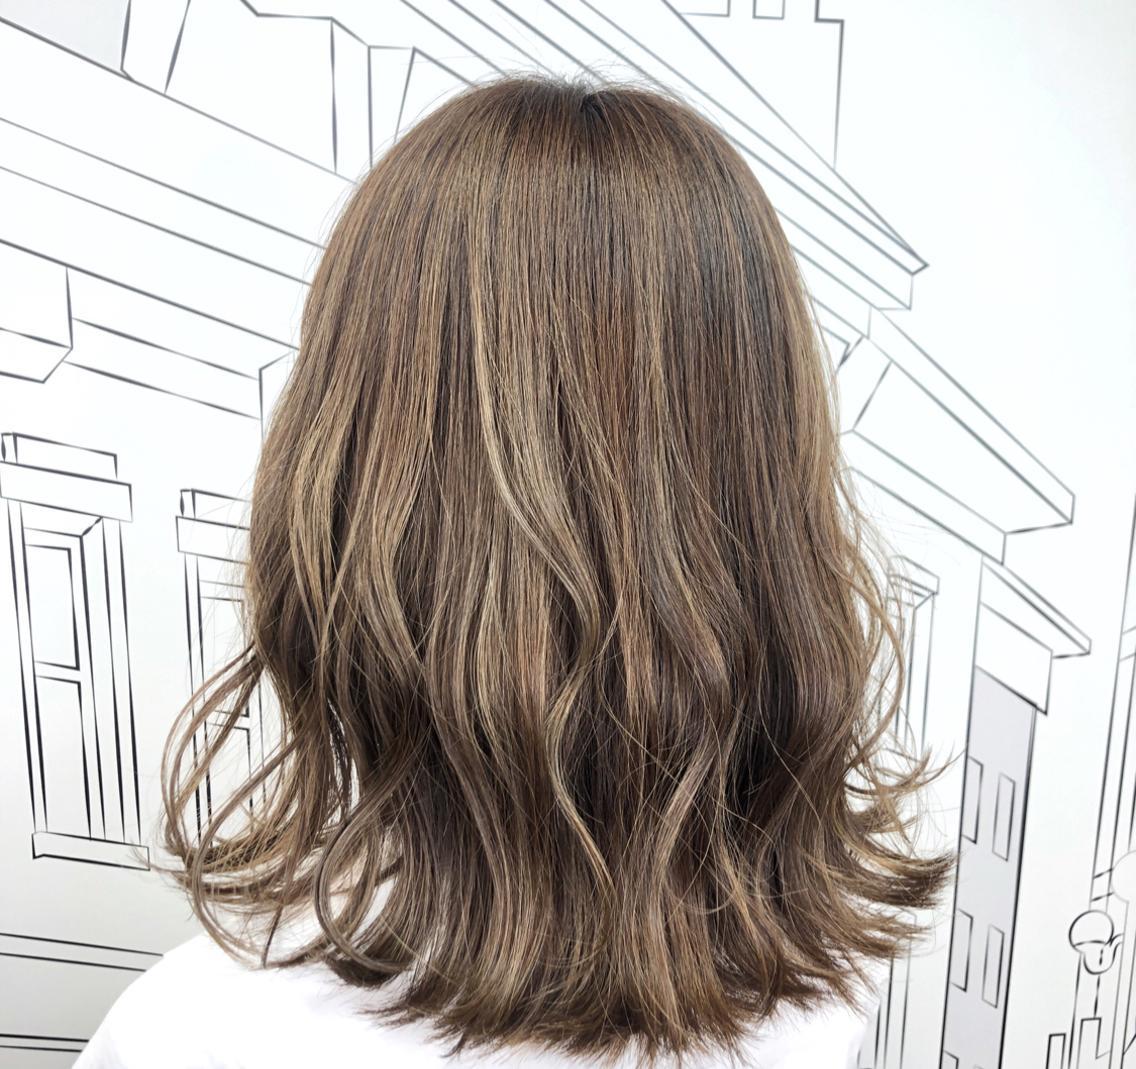 24日空きあります🌸極細ハイライトカラー得意💓8割のお客様がハイライト💓バレイヤージュ💓メンズOK🙆♂️口コミ評価4.9☘️髪質改善トリートメント🍀ピンクカラー得意❤︎